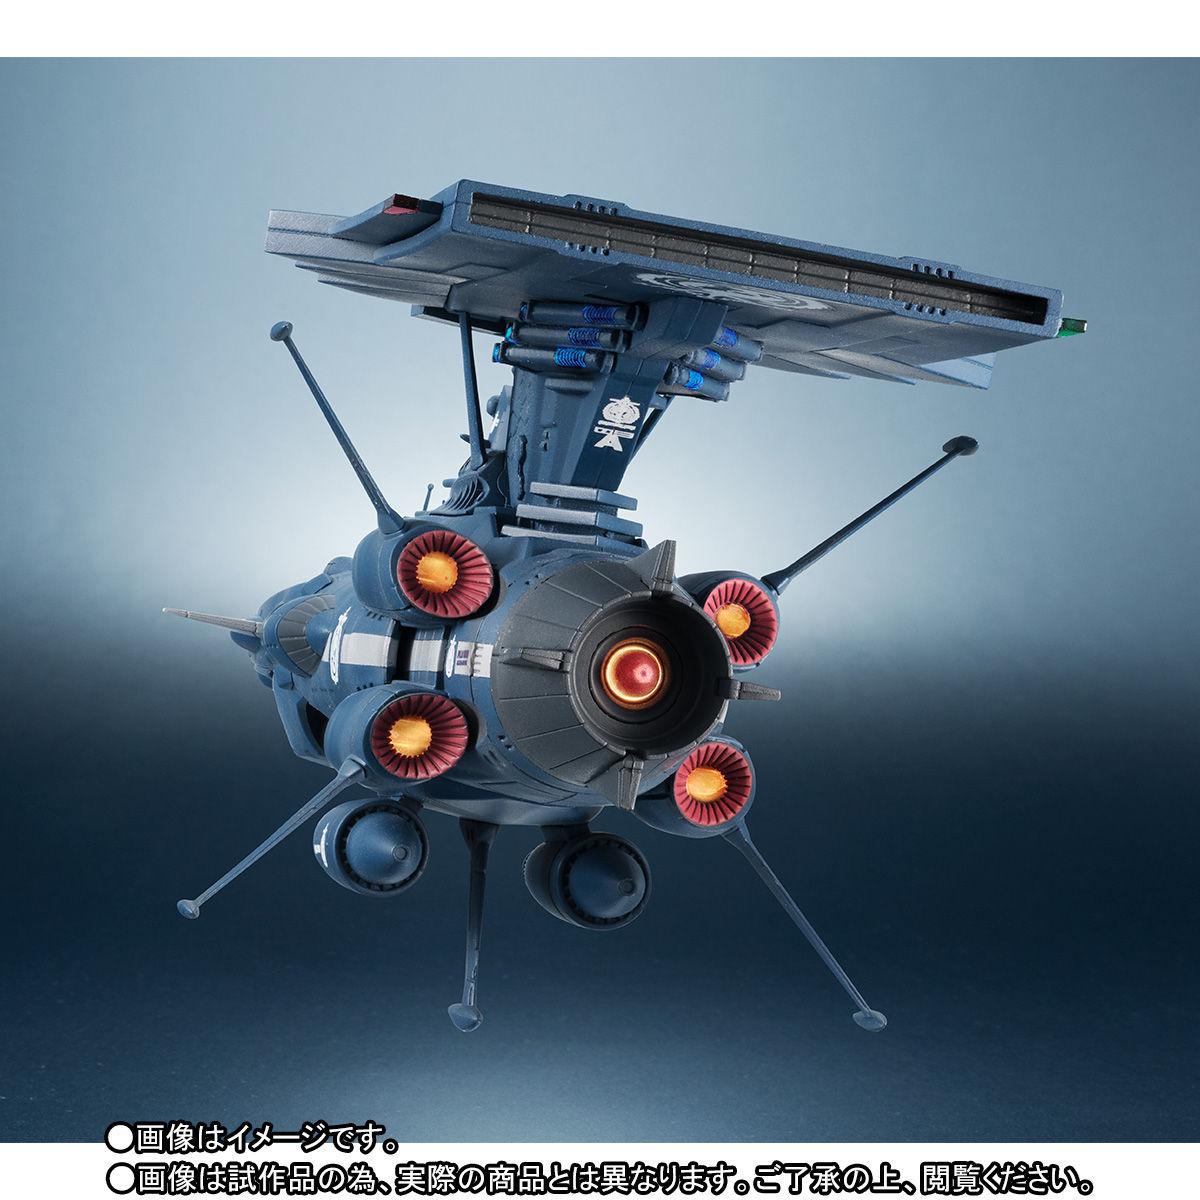 輝艦大全『地球連邦アンドロメダ級三番艦 アポロノーム|宇宙戦艦ヤマト2202』1/2000 完成品モデル-003